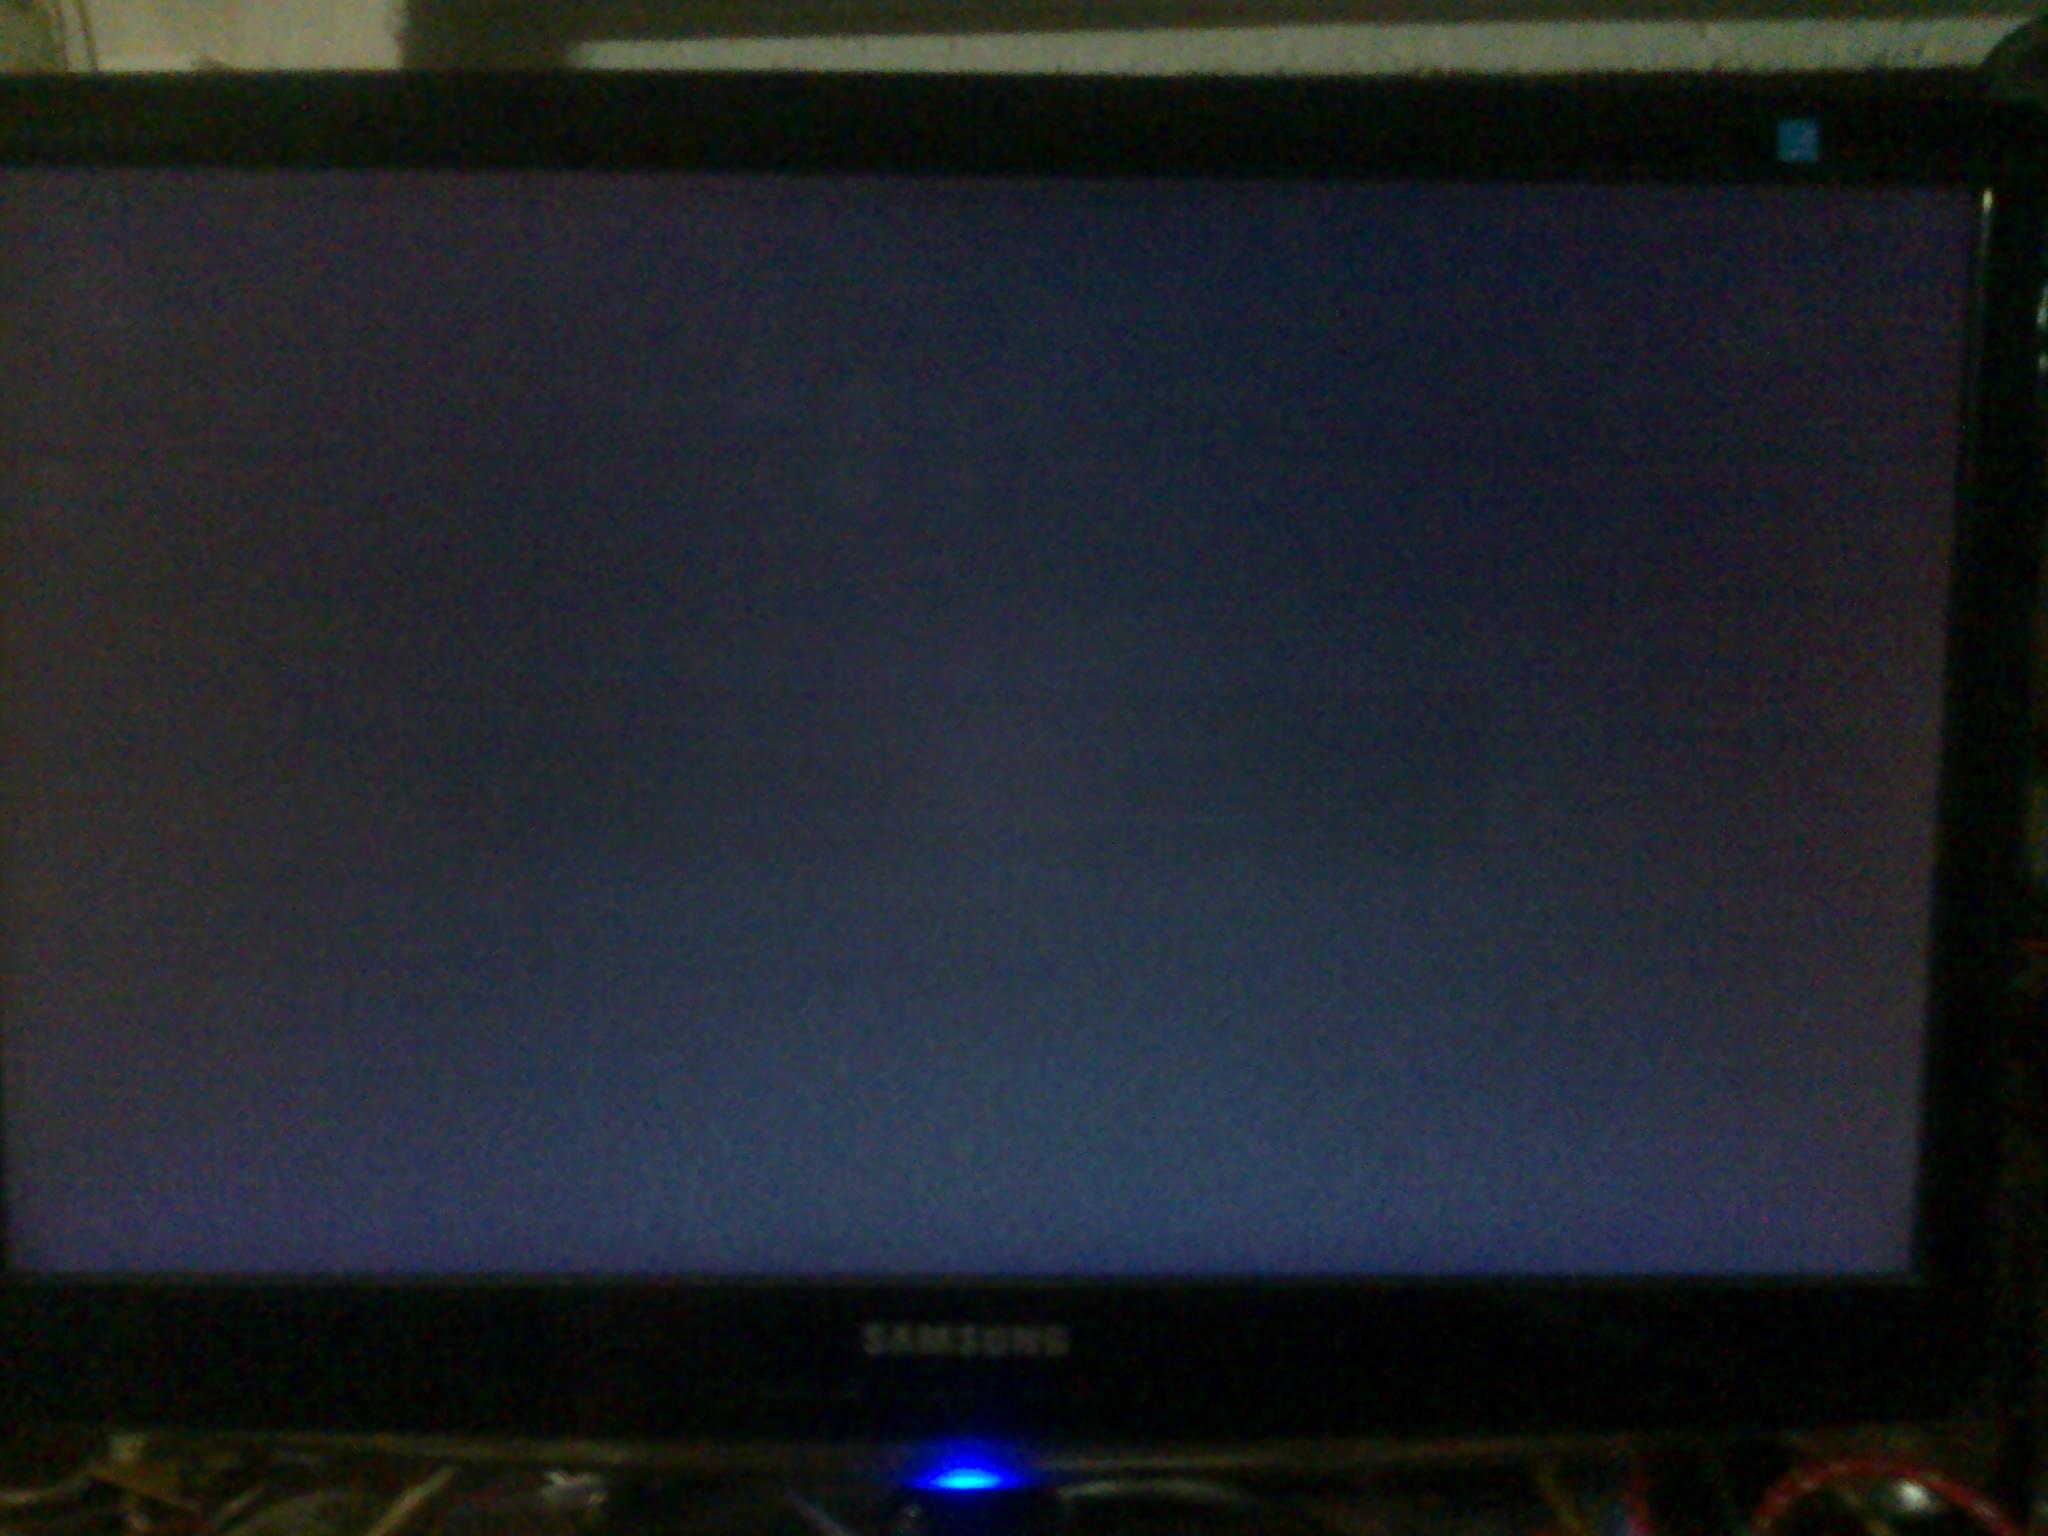 Samsung B2230HD - Prawie nic nie wida� na ekranie